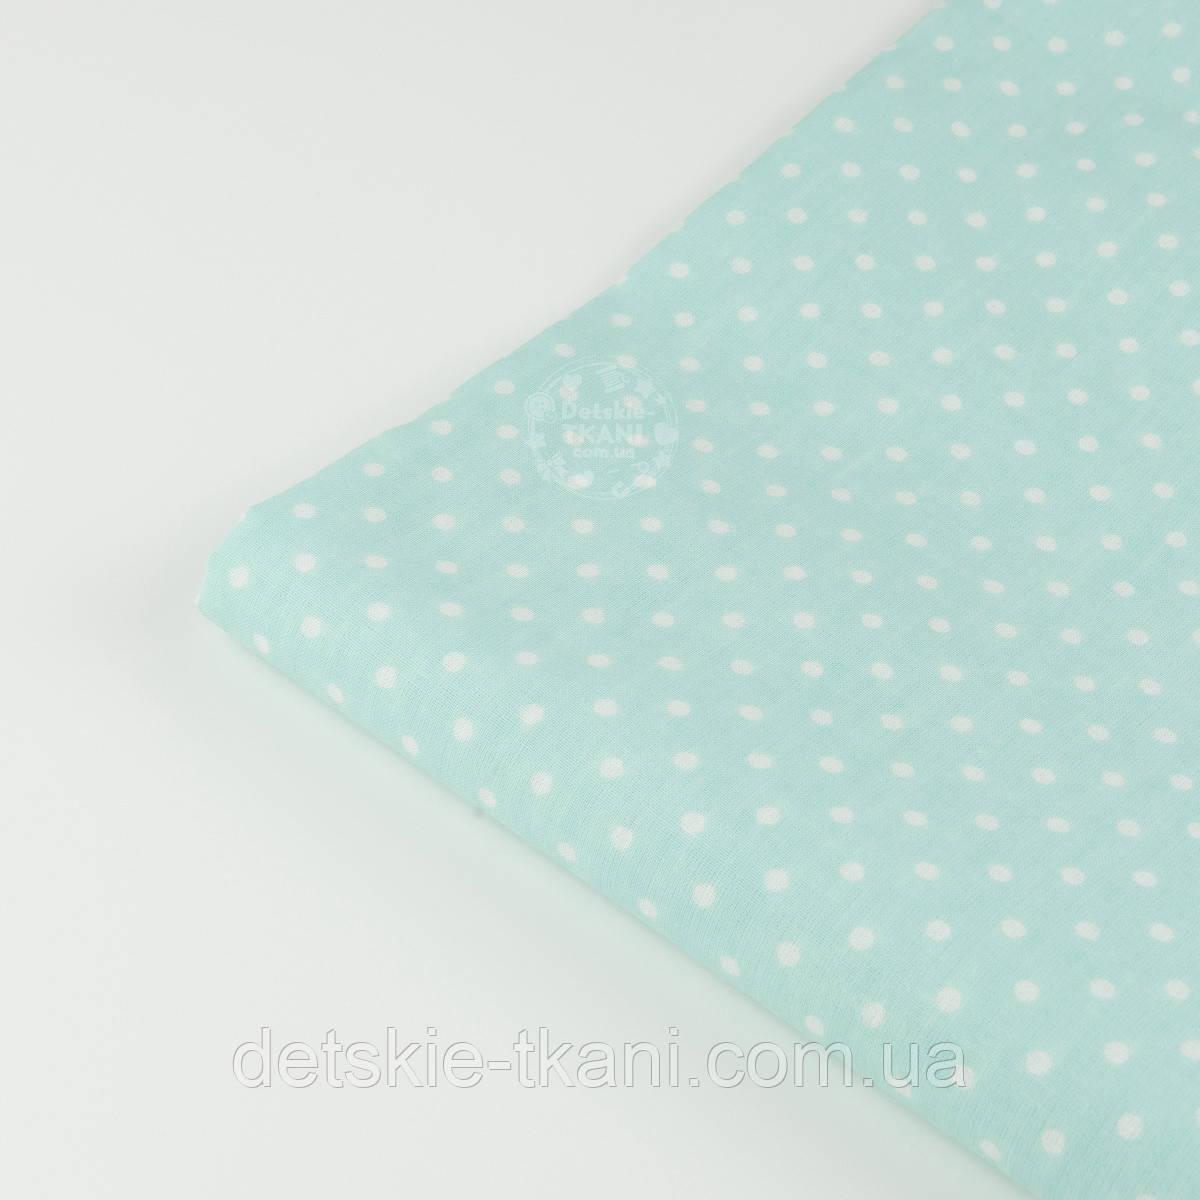 Лоскут ткани №1345а с белым горошком 3 мм на мятно-бирюзовом фоне, светлых оттенков